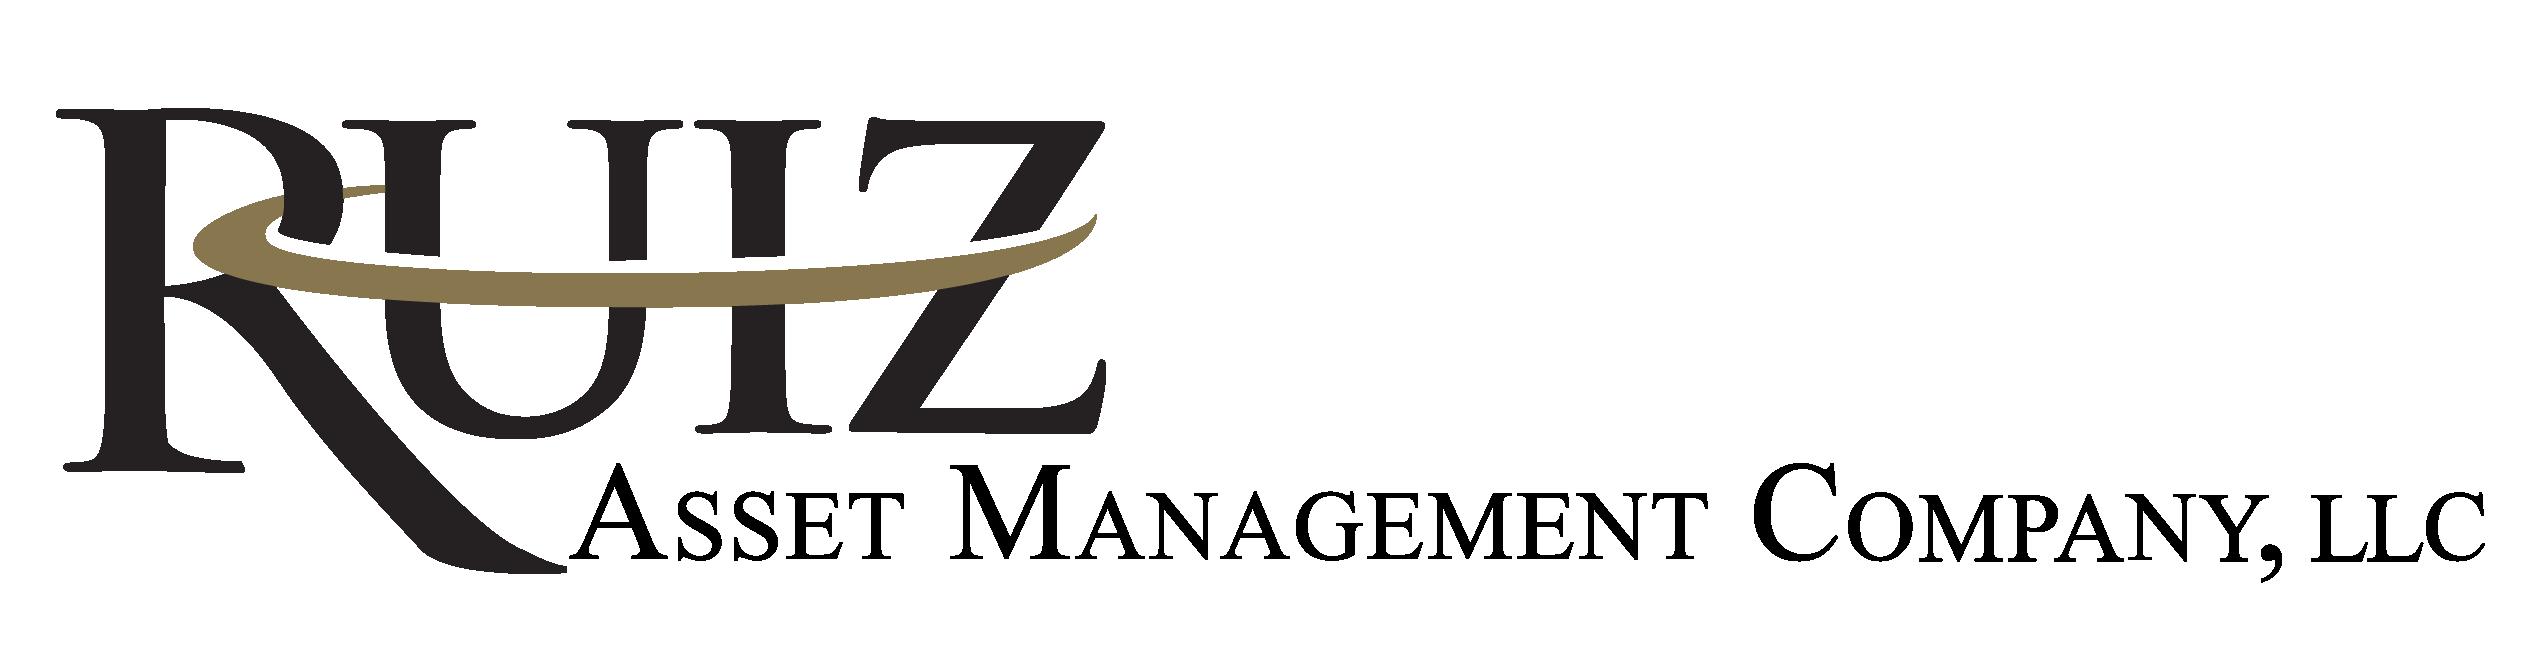 Ruiz Asset Management Co.